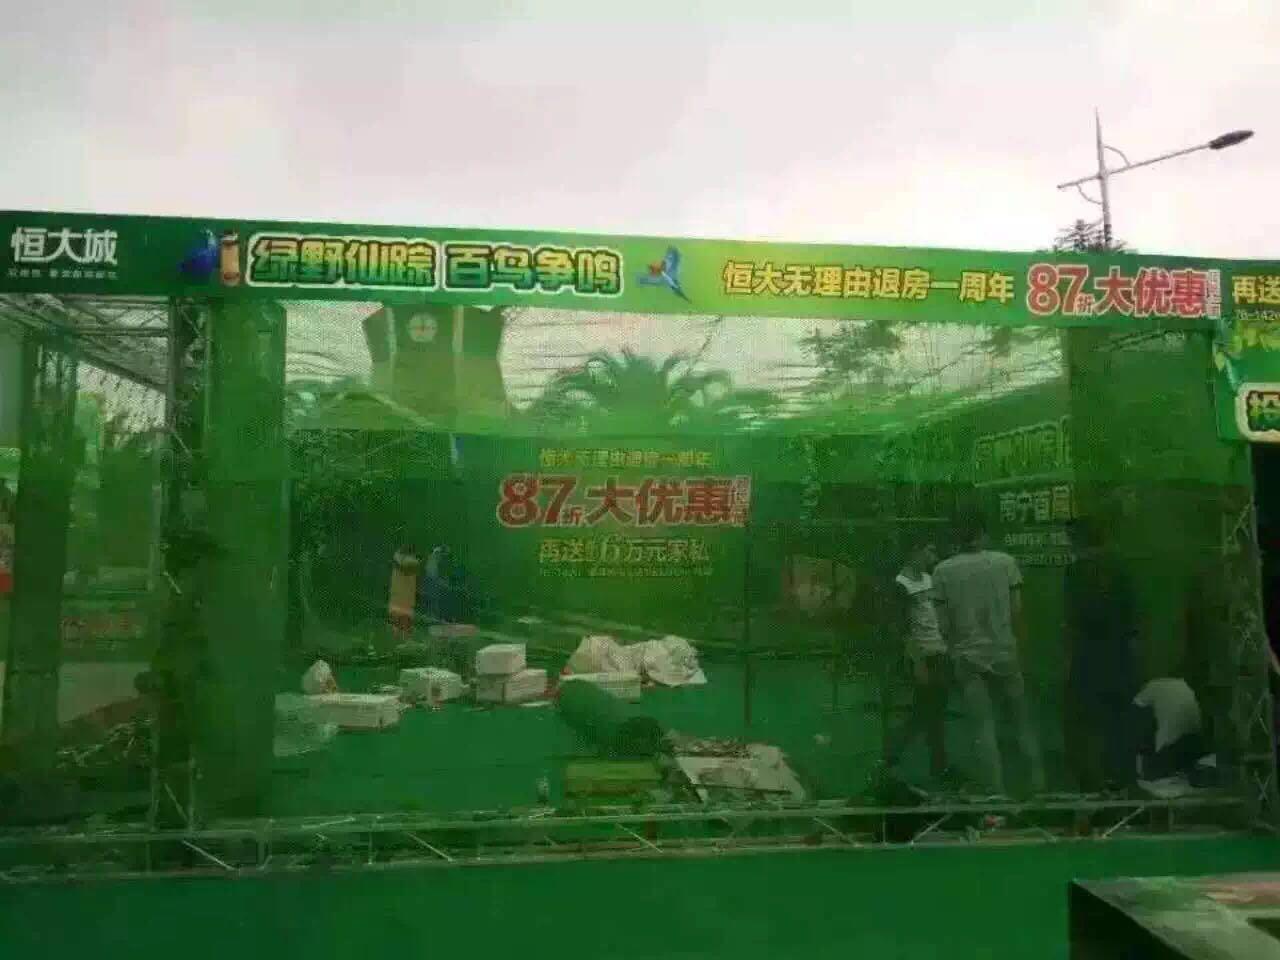 湘潭百鸟展租赁报价